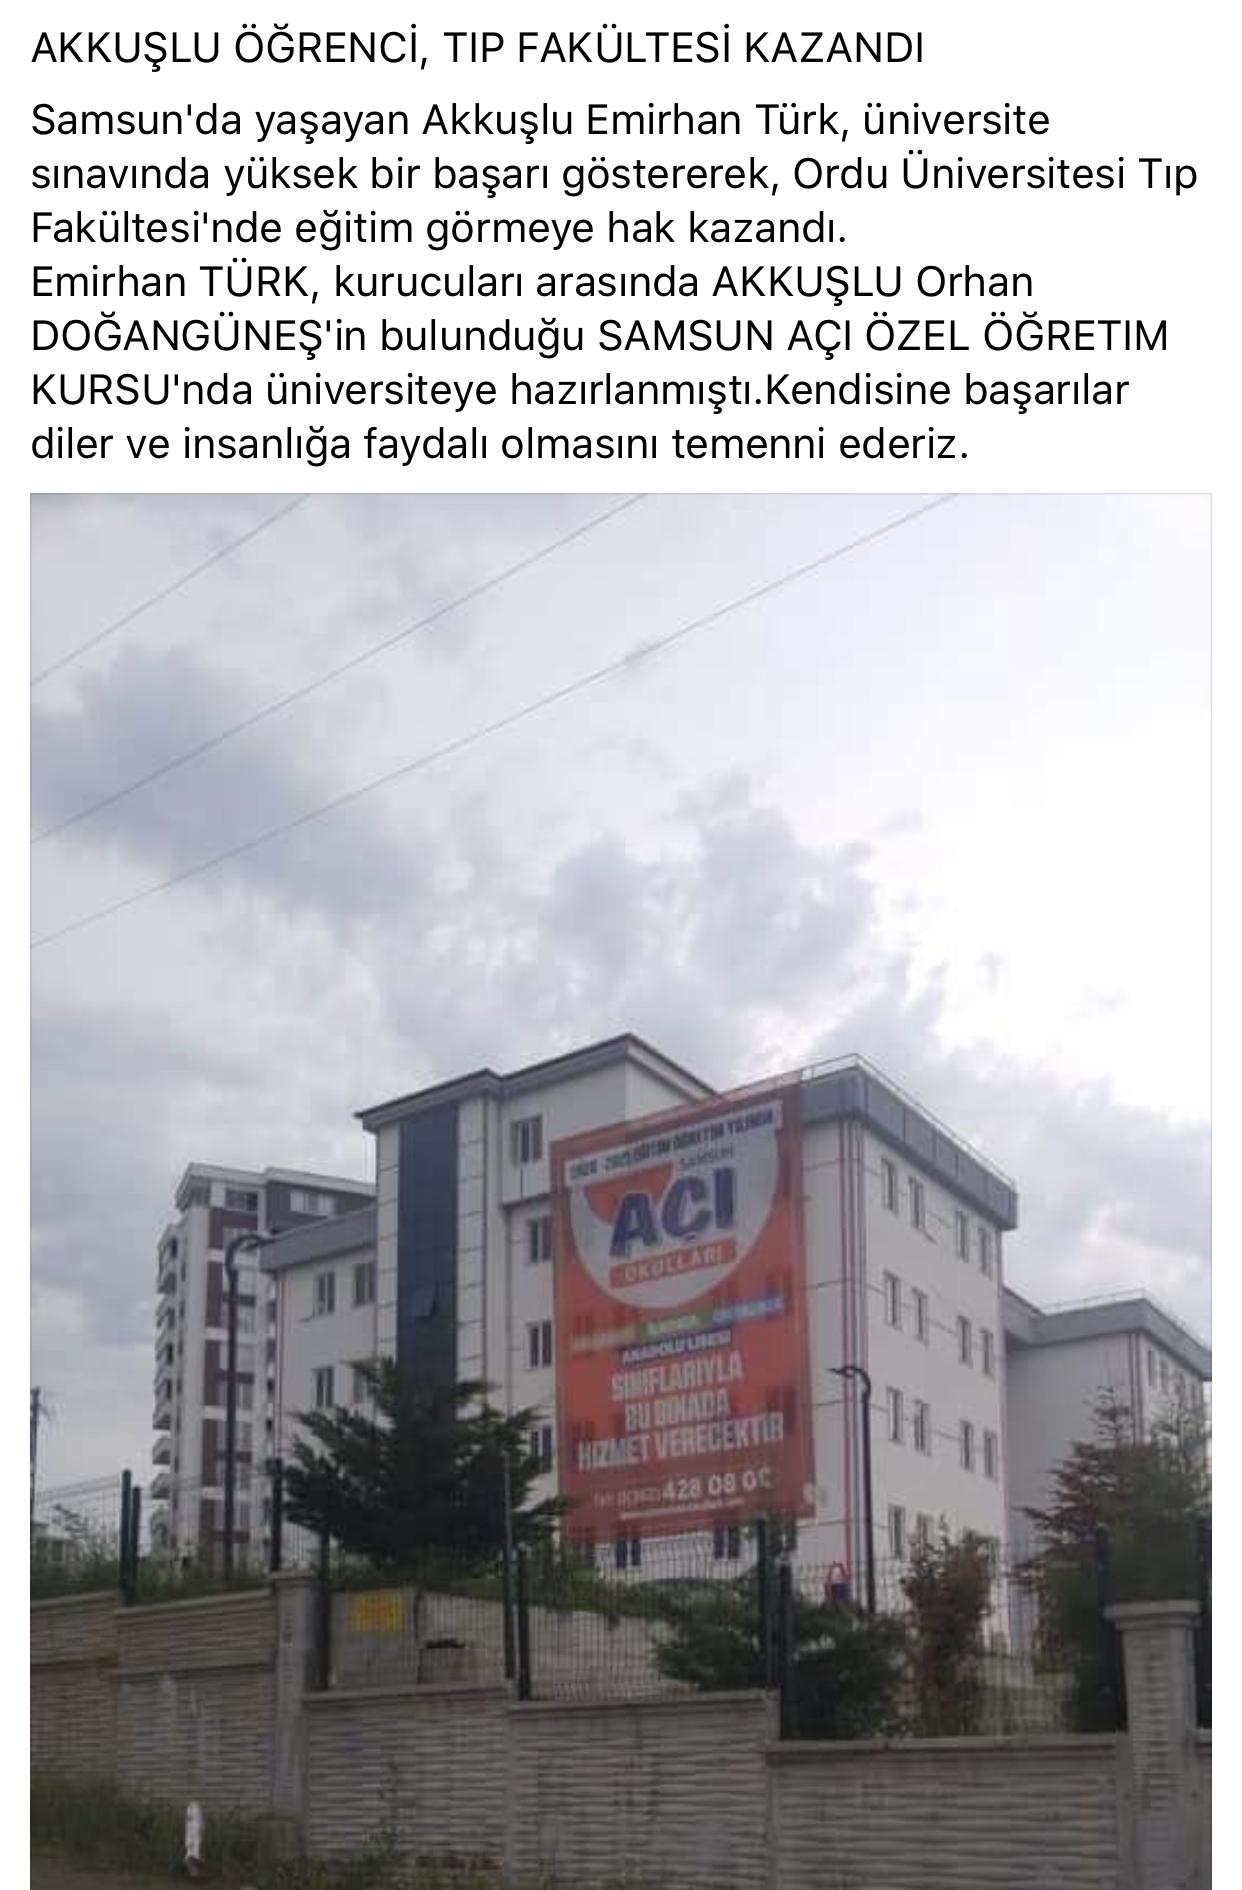 Akkuşlu Öğrenci Emirhan TÜRK Ordu Tıp Fakültesini Kazandı. Tebrikler